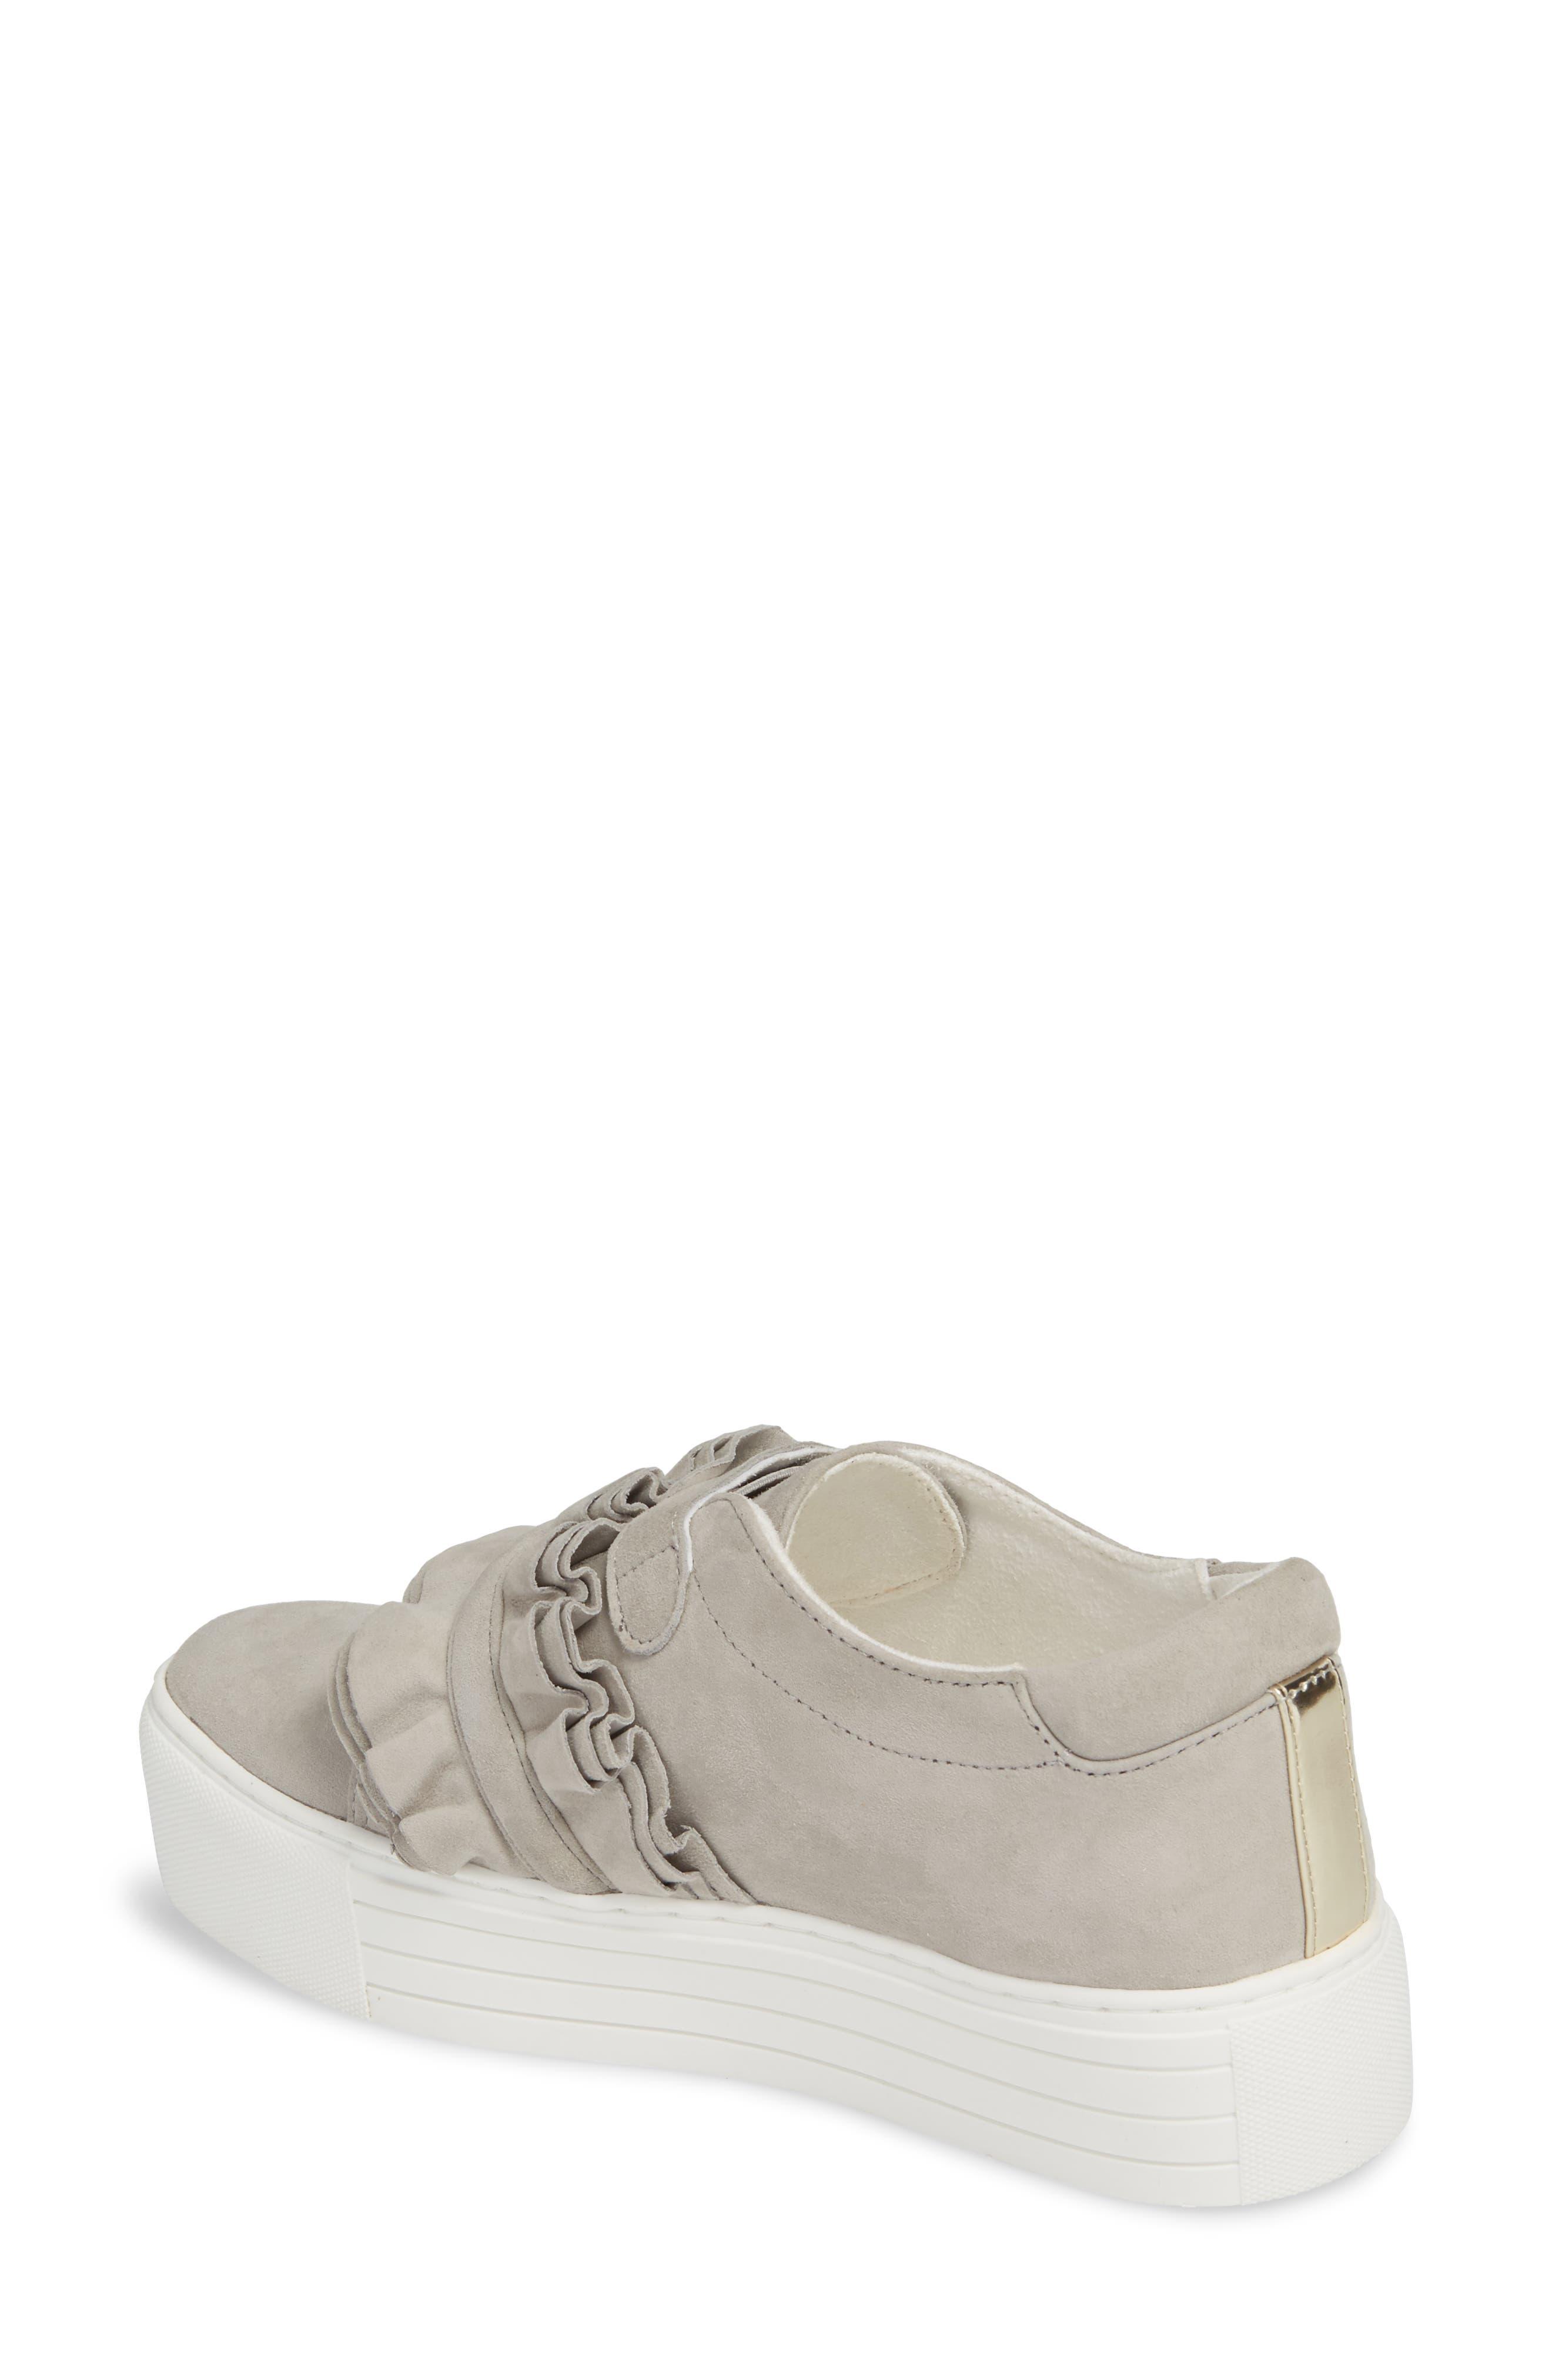 Ashlee Slip-On Sneaker,                             Alternate thumbnail 2, color,                             021